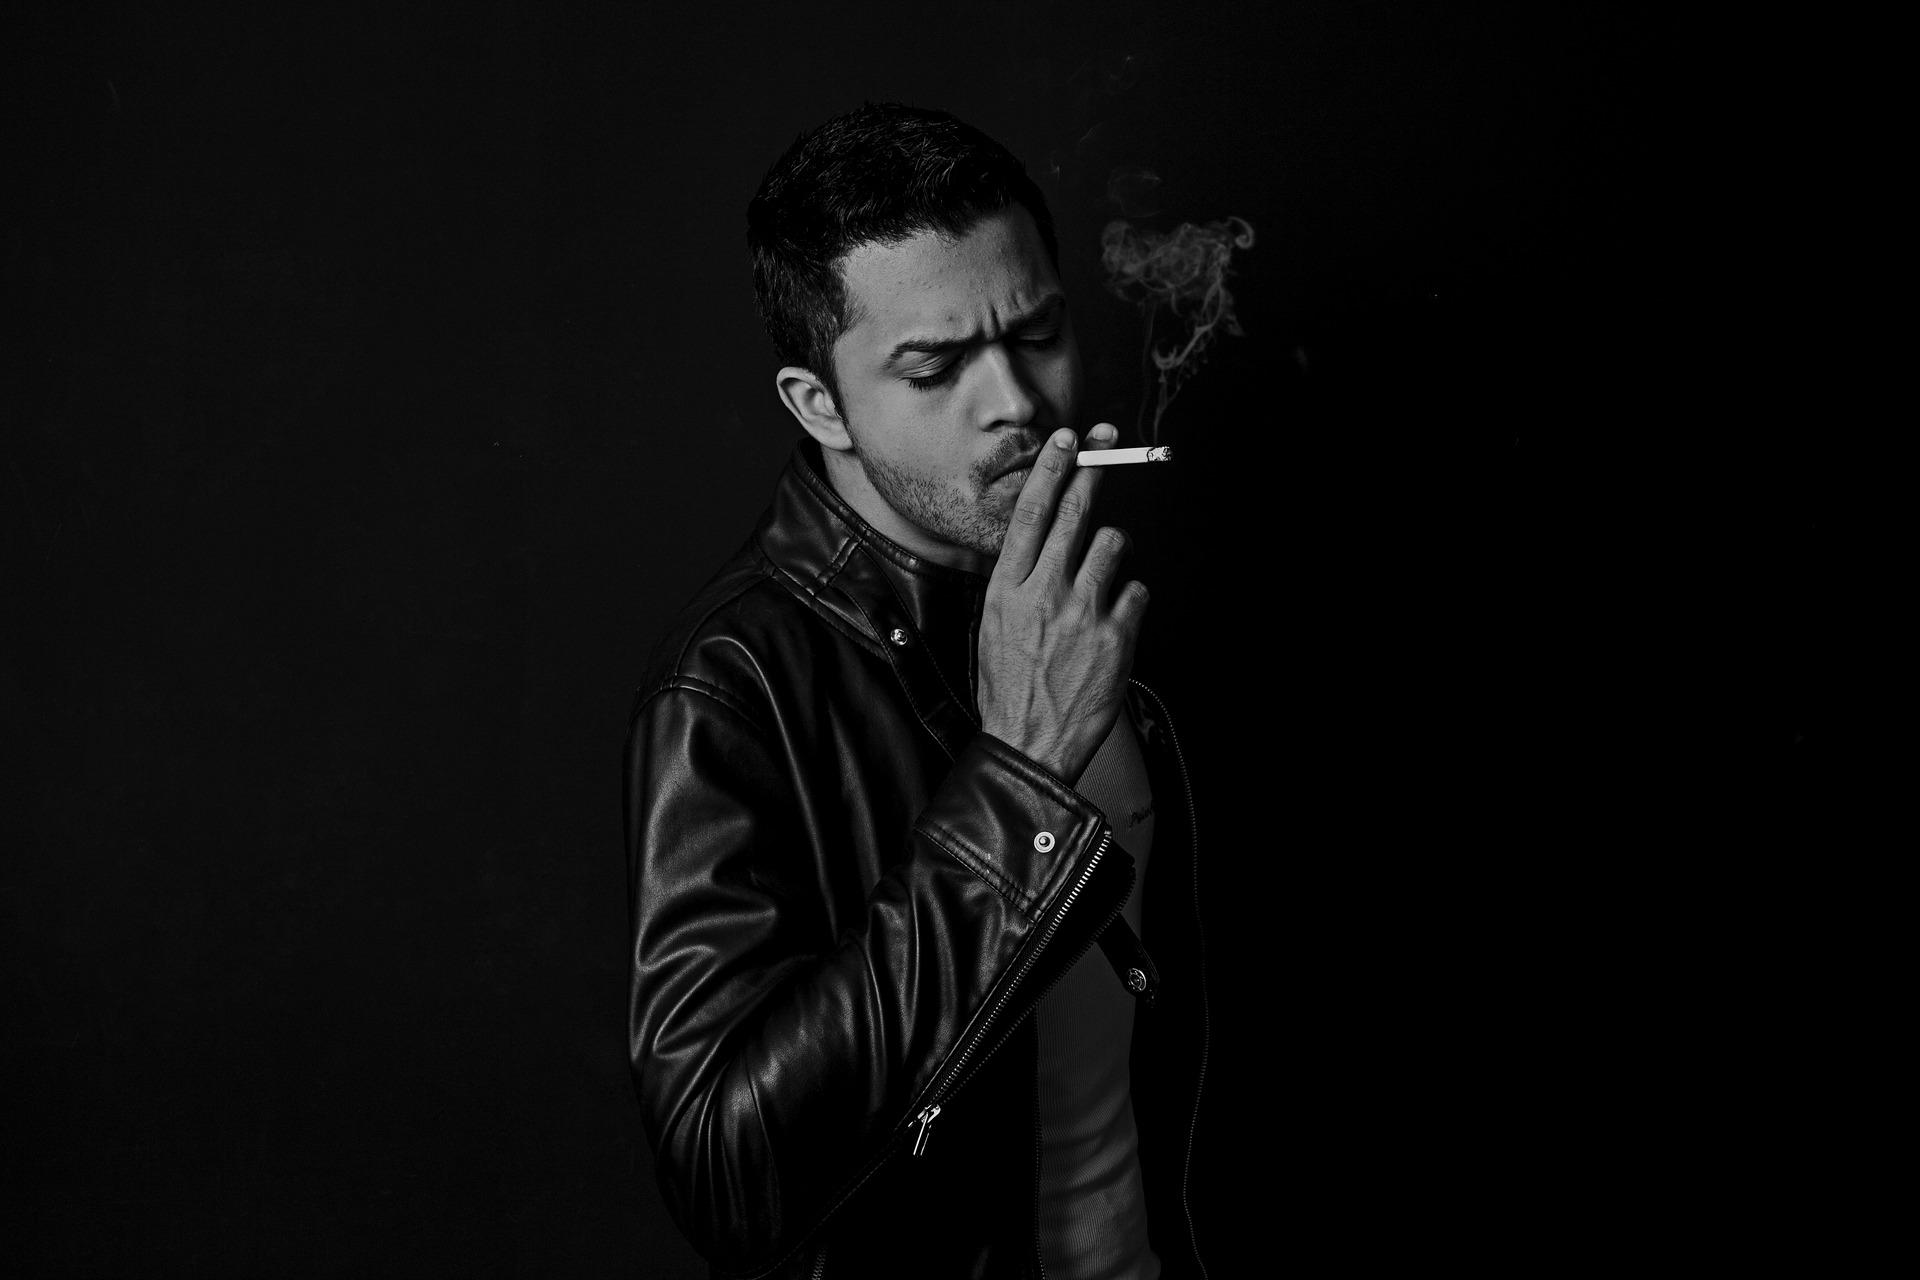 Vidéo le moyen le plus facile de cesser de fumer